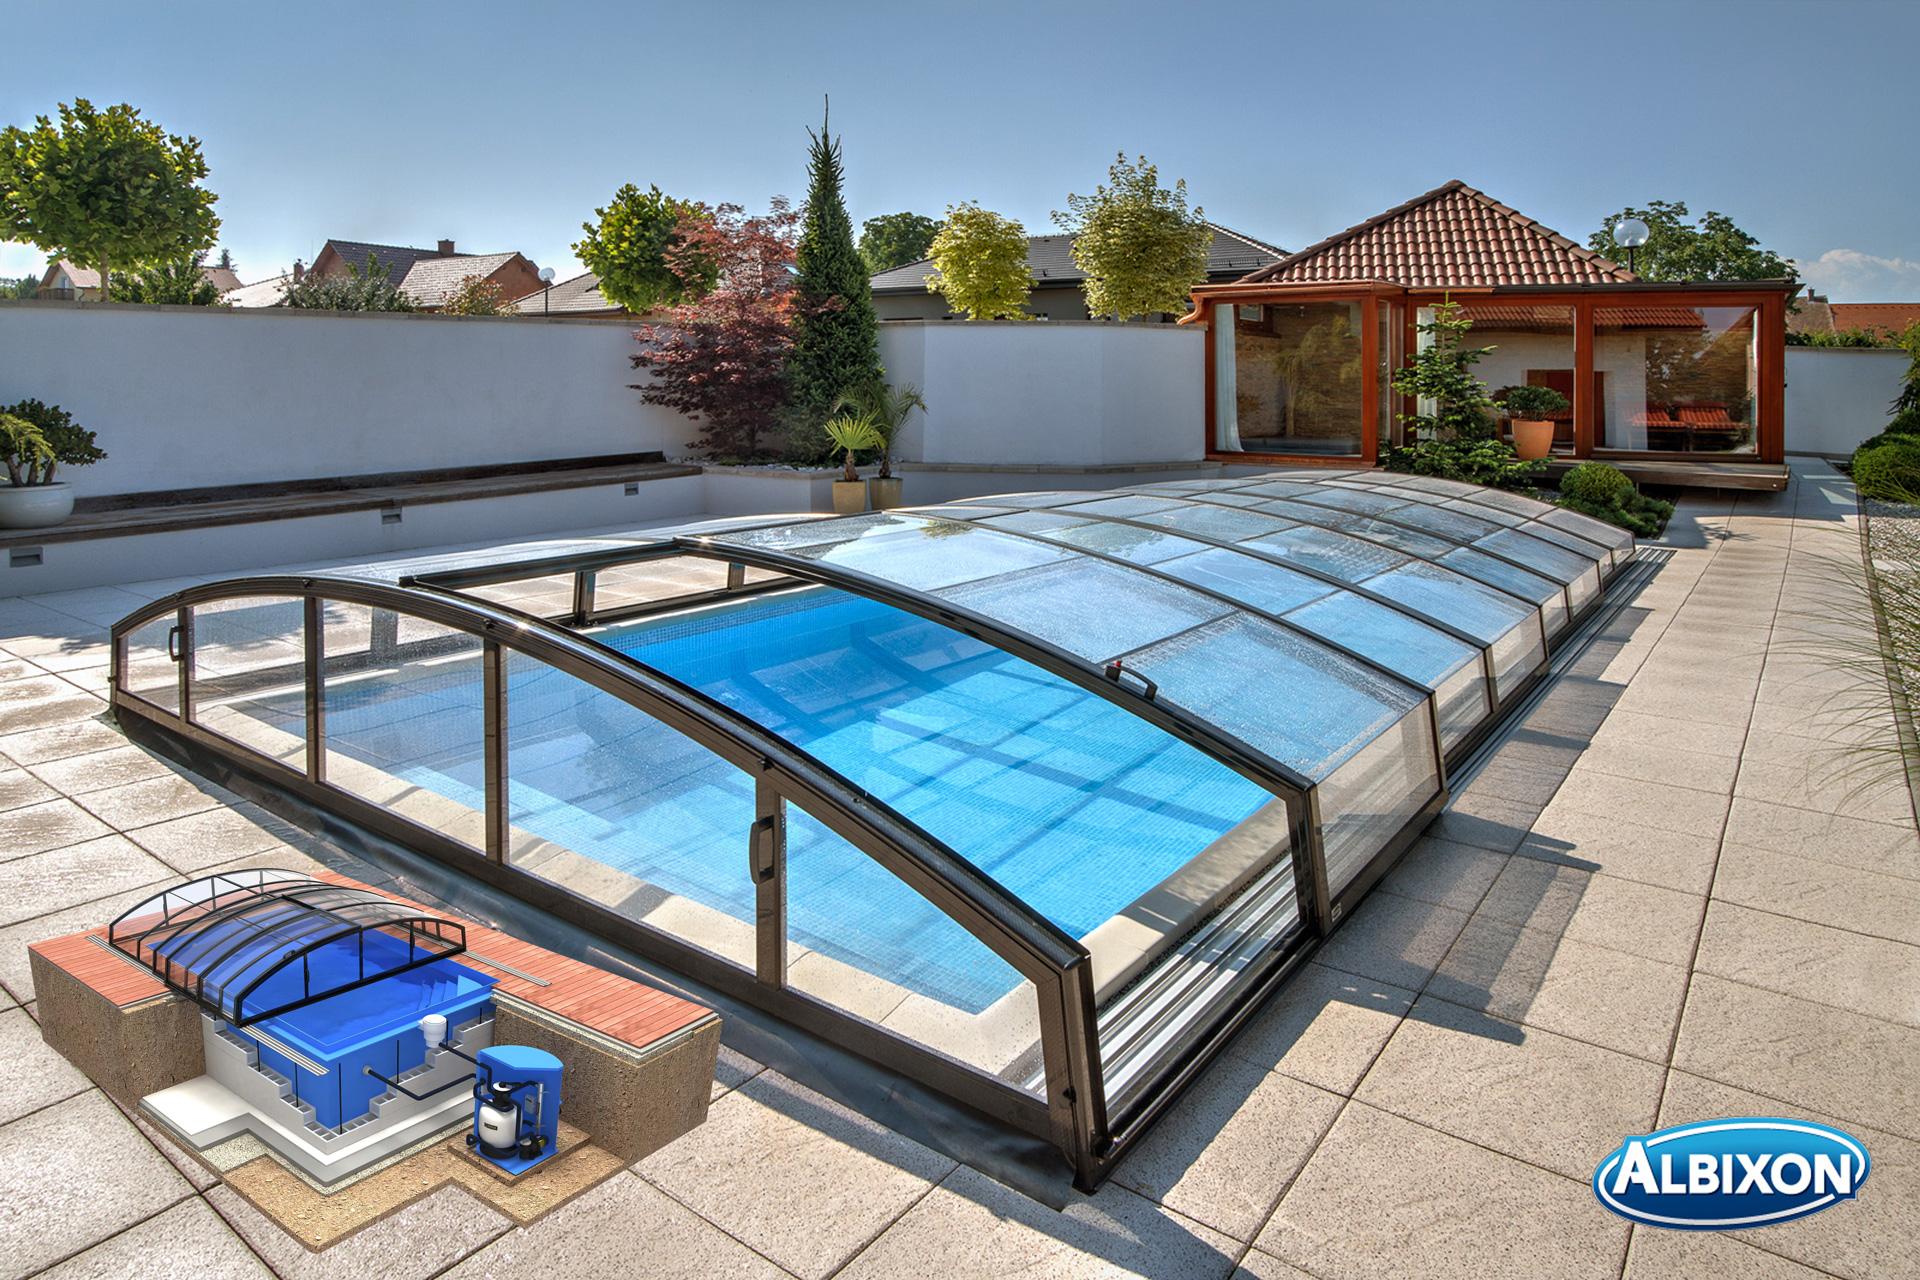 Albixon quattro g2 uno pool komplettset mit berdachung schwimmbecken und technikschacht fkb - Gfk pool komplettset ...